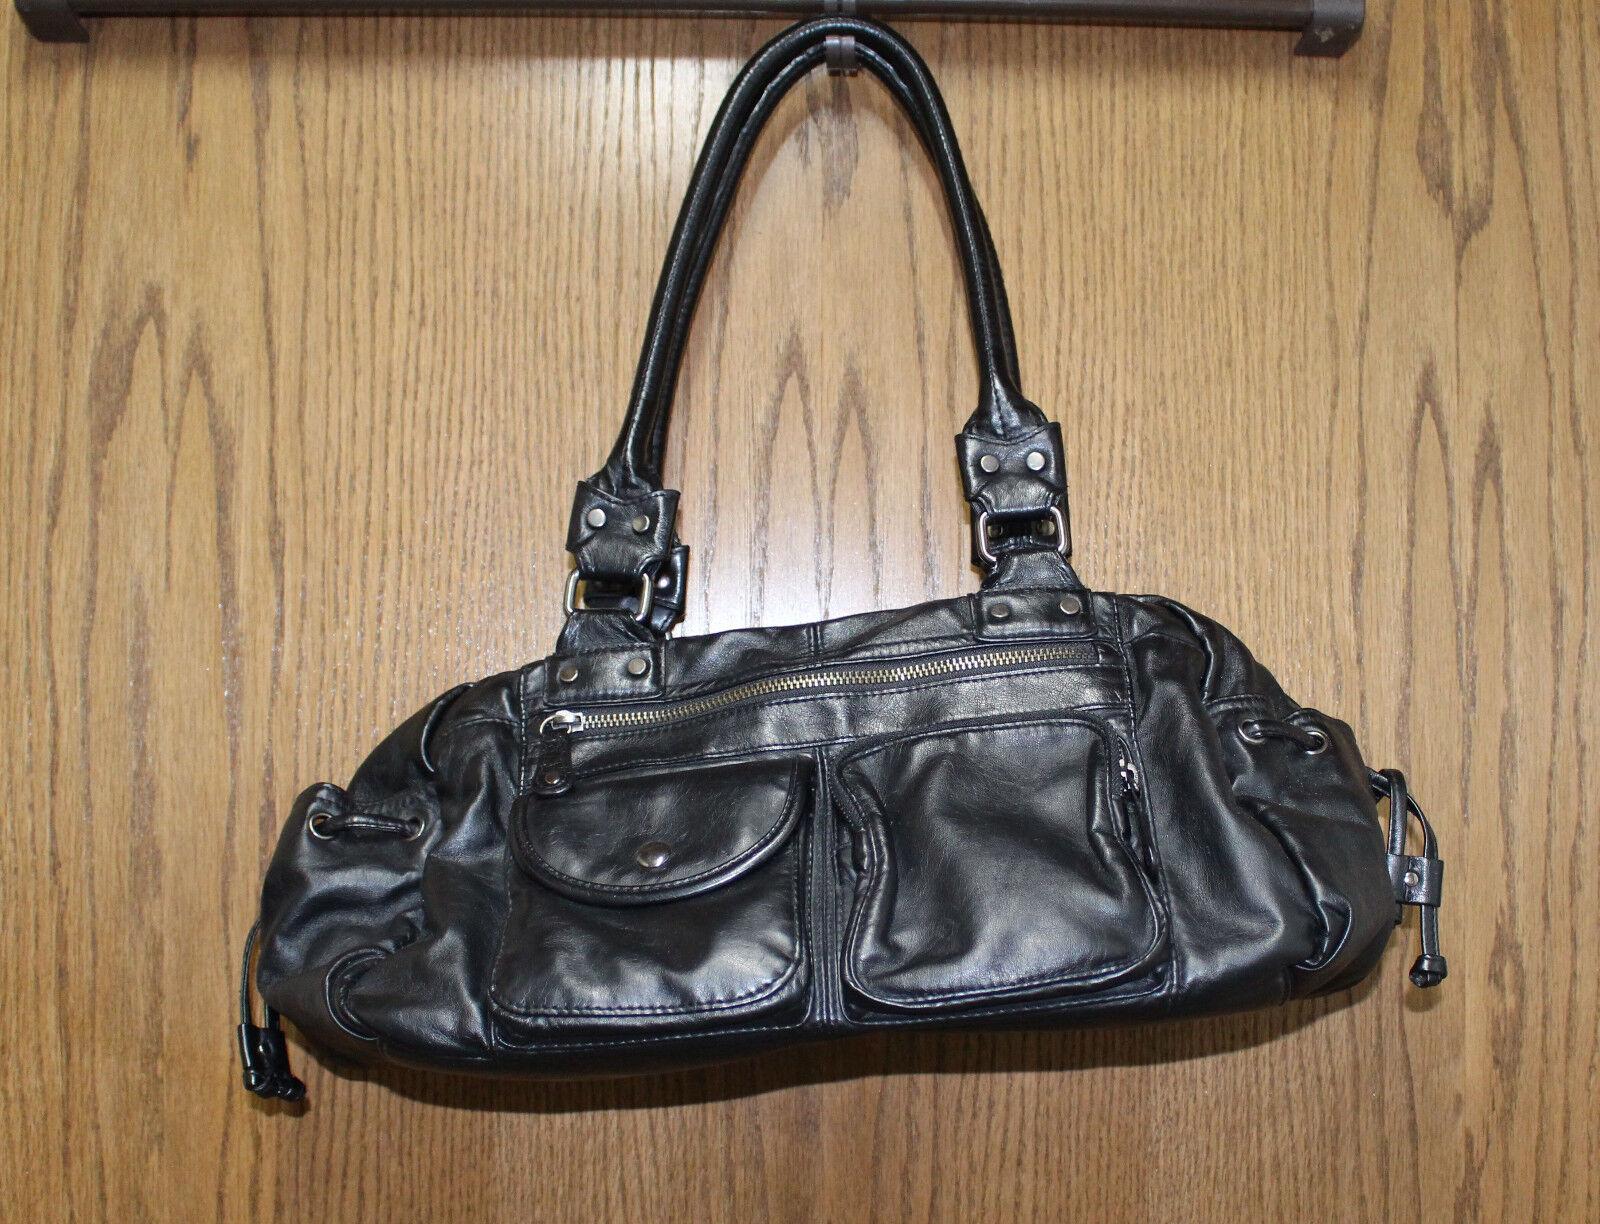 schwarze Handtasche mit vielen Zusatztaschen und Fächer